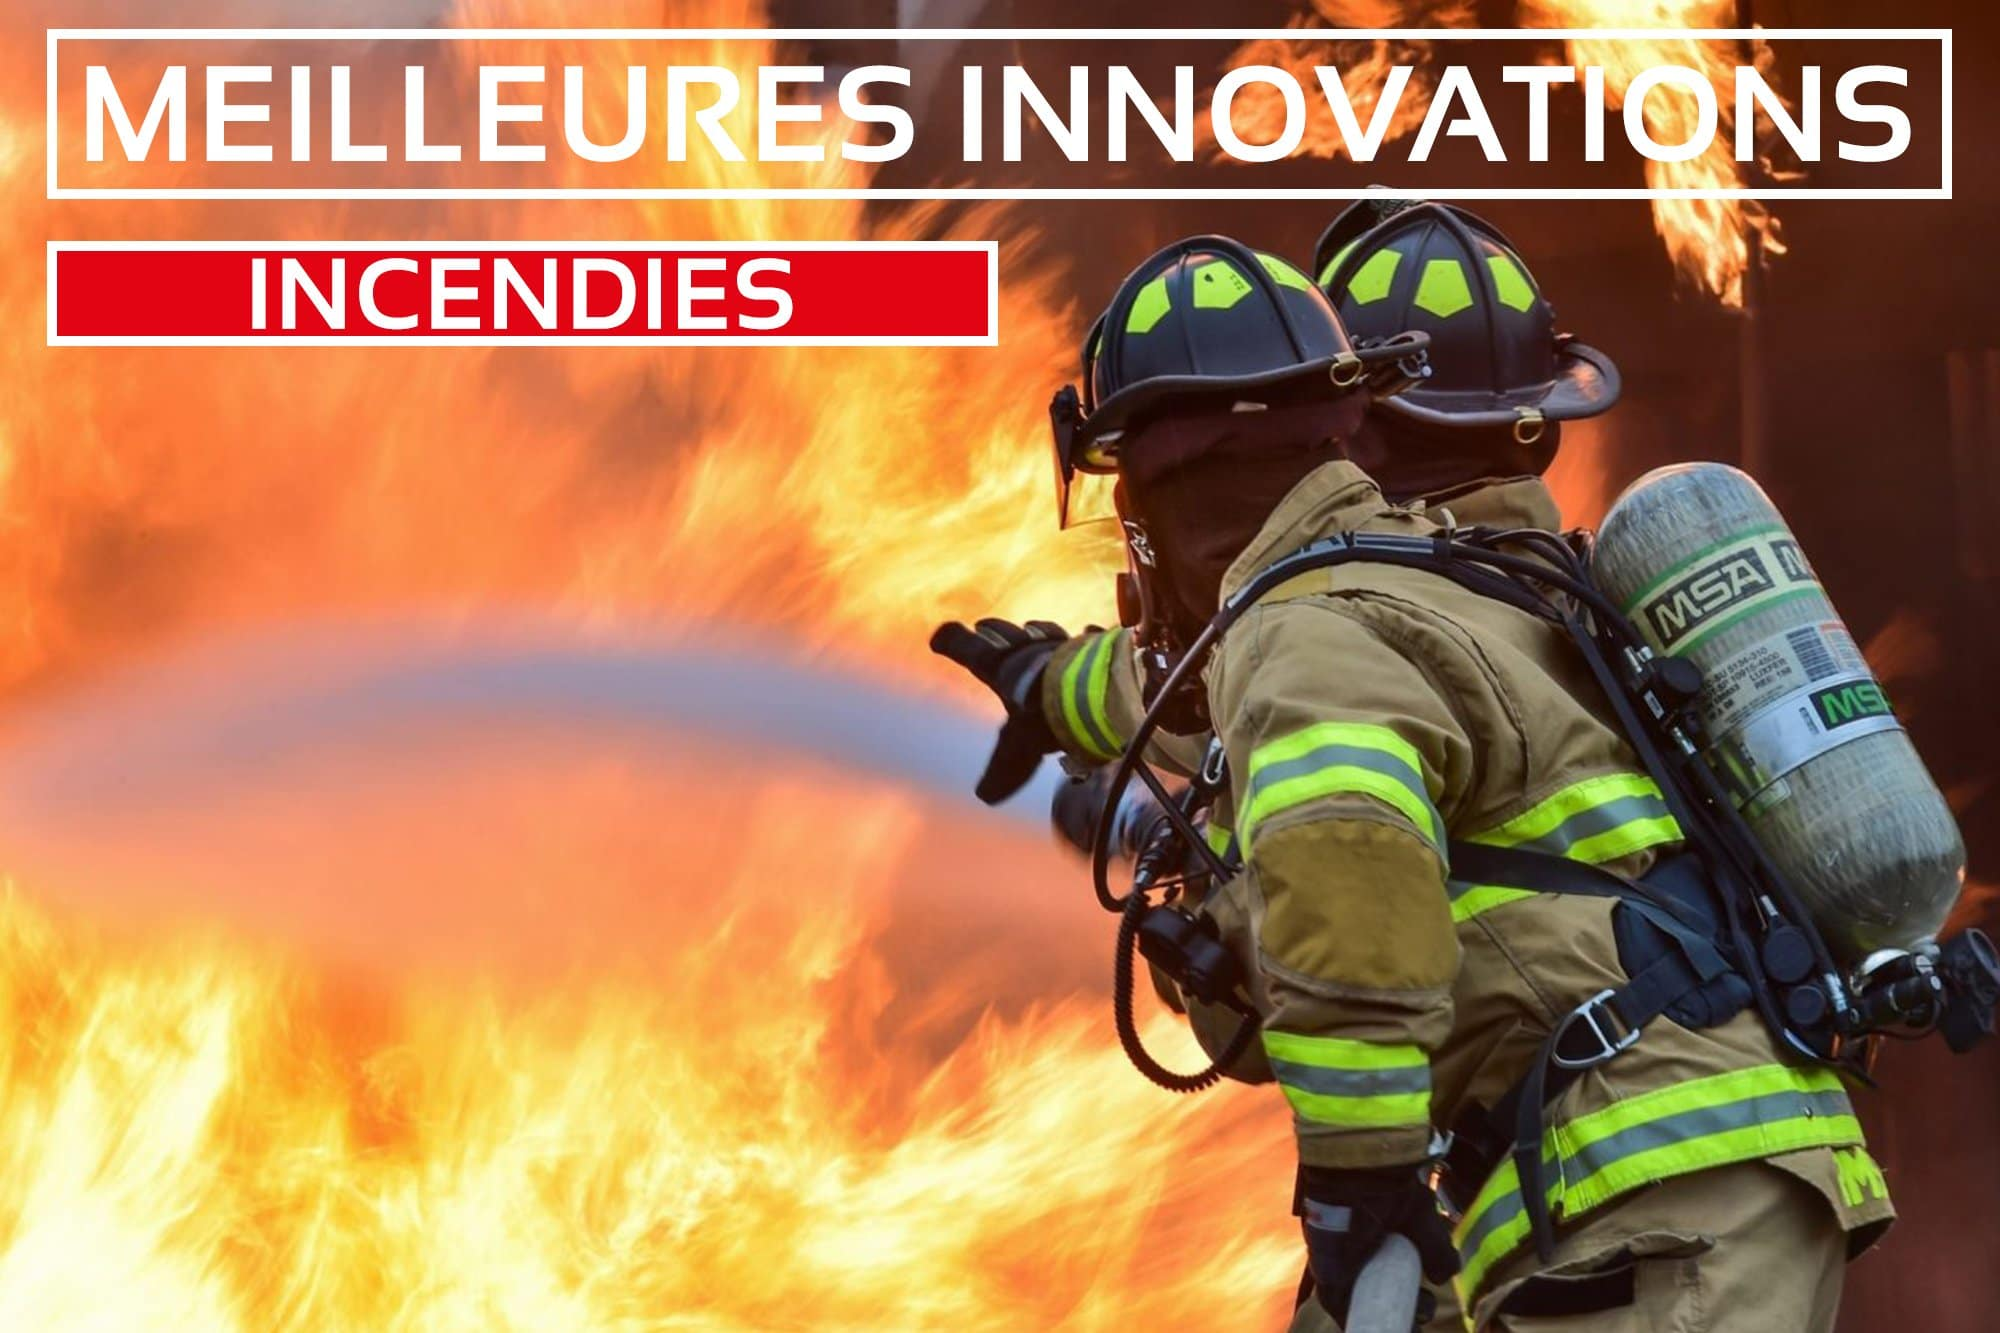 Les Meilleures Innovations pour lutter contre les Incendies